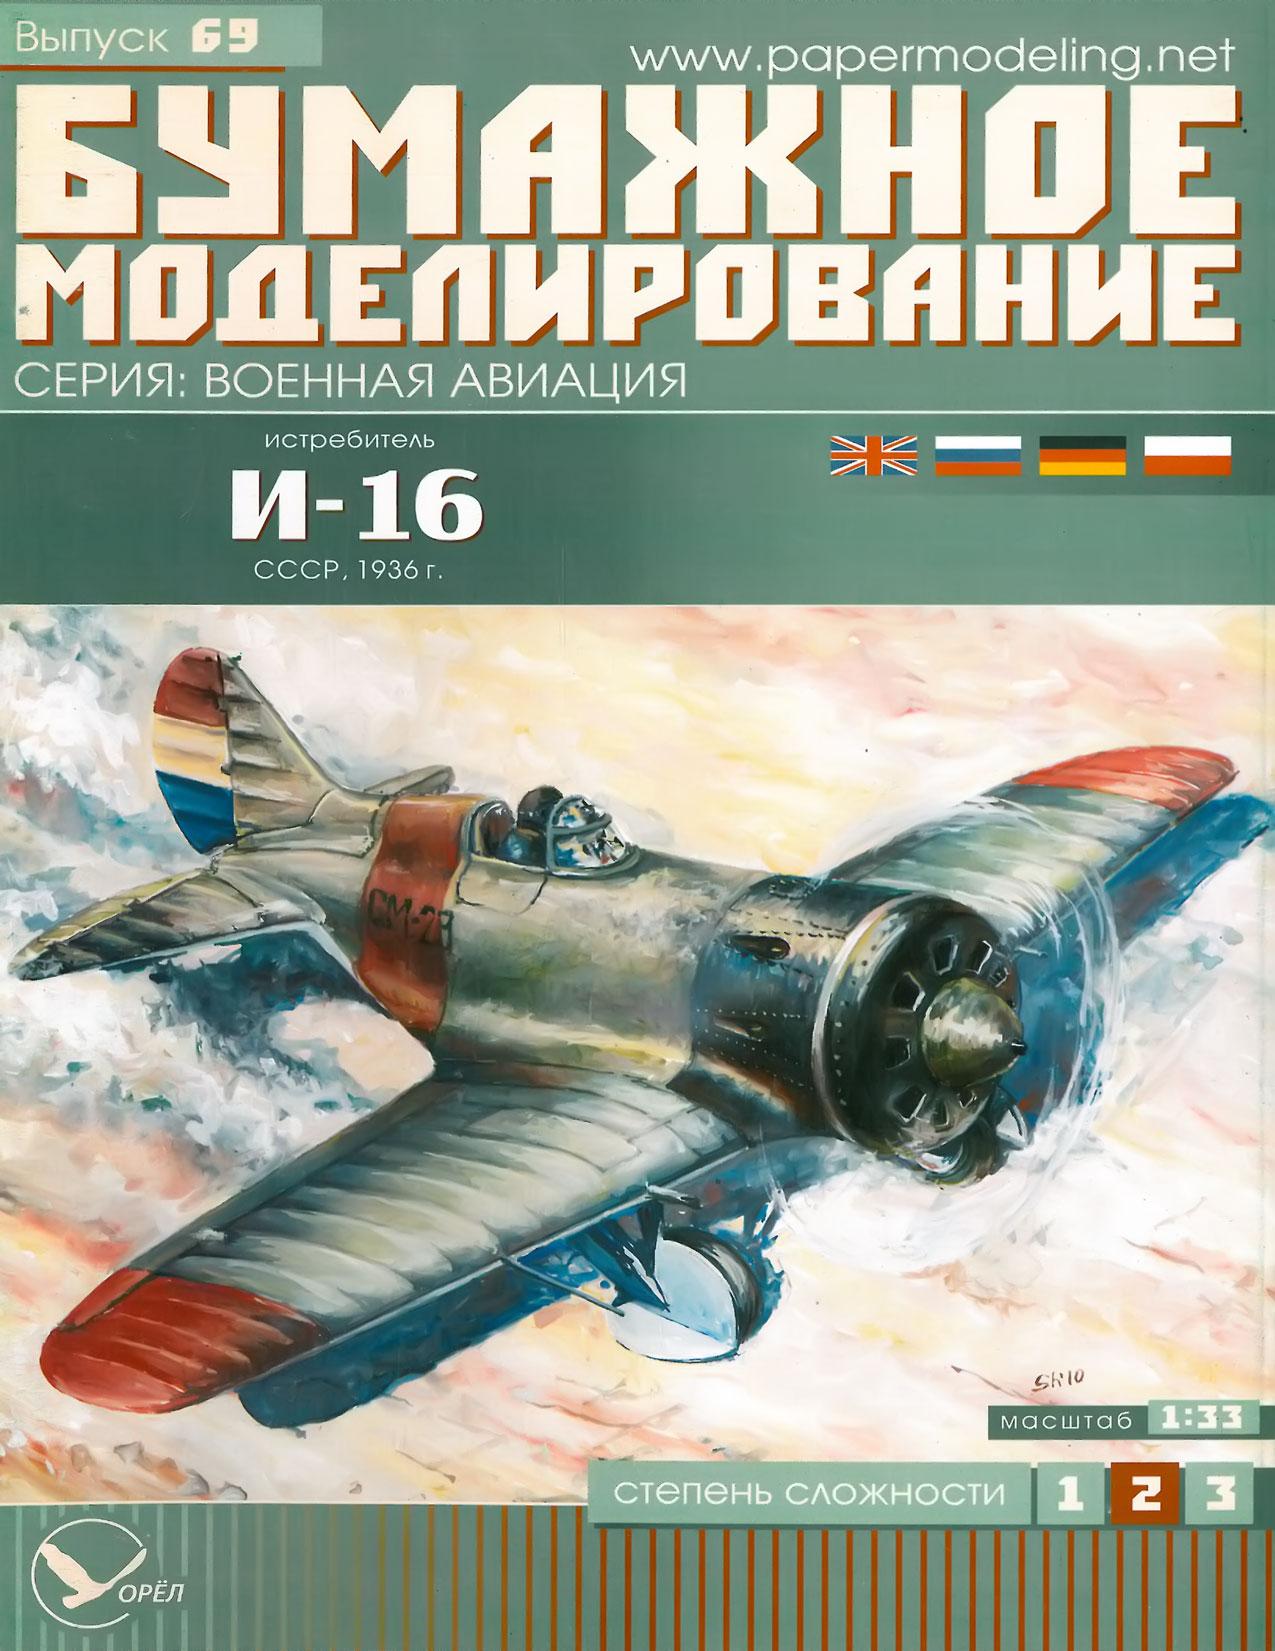 Бумажная модель истребителя И-16